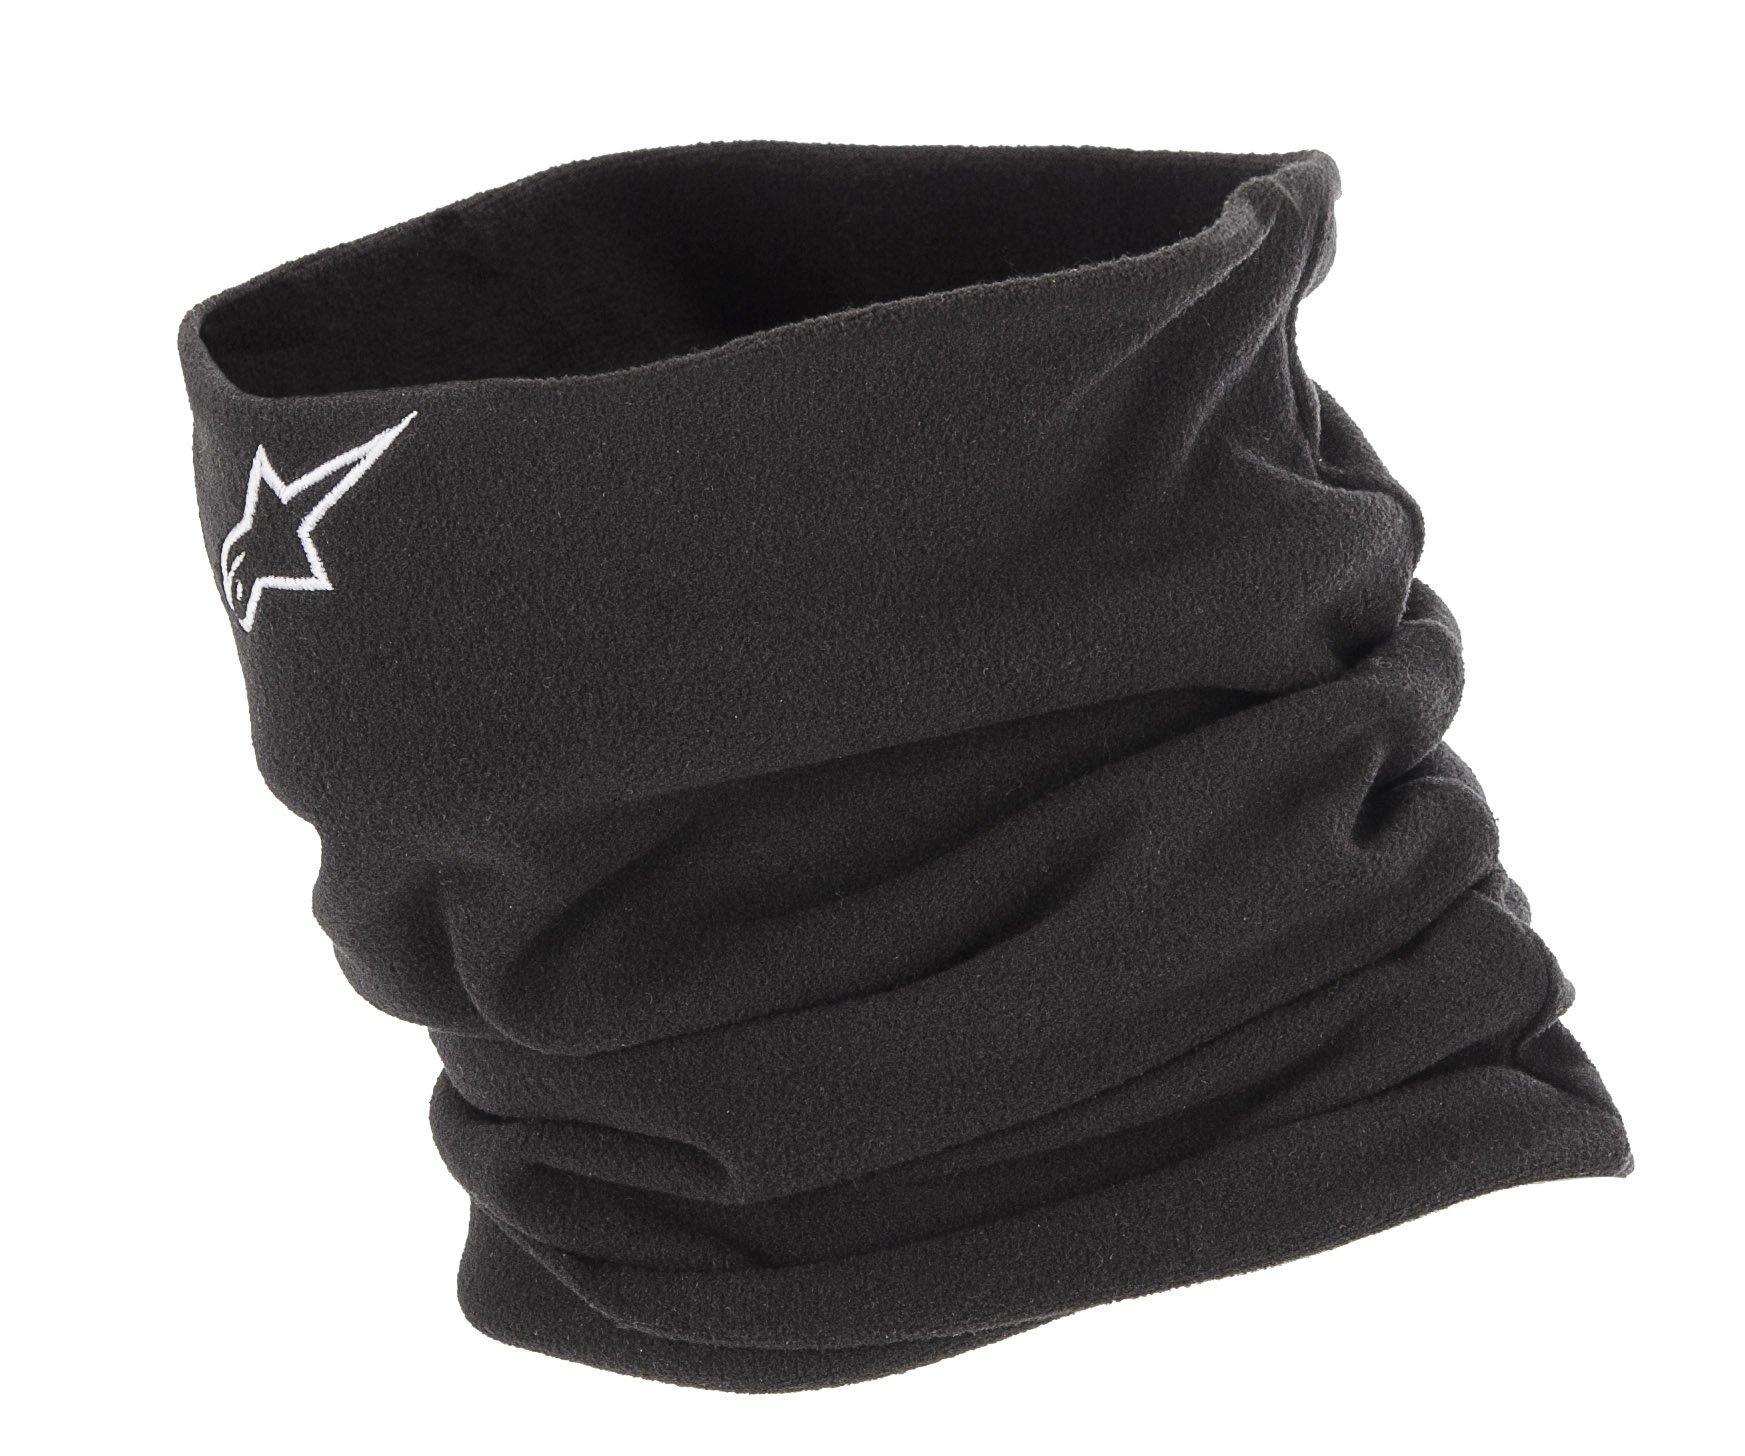 Alpinestars Astars Capa base del cuello del tubo más cálido product image